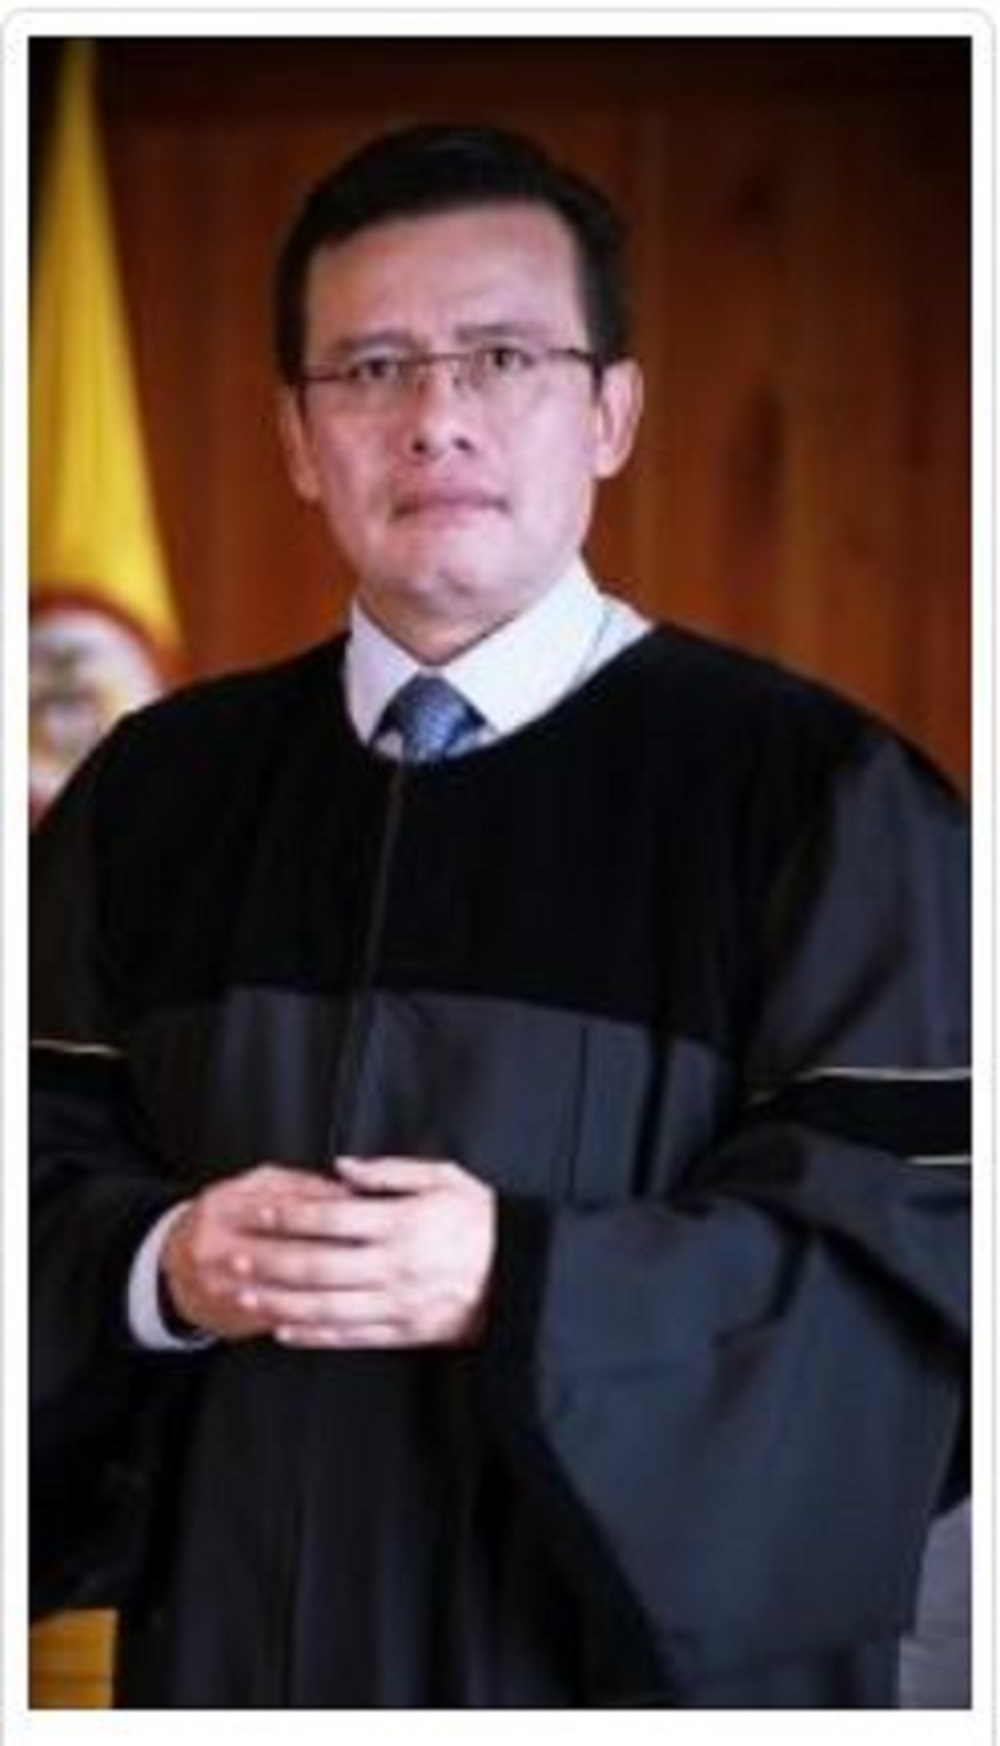 El magistrado Misael Fernando Rodríguez es abogado especialista en derecho penal y cuenta con más de 26 años de experiencia en la Rama Judicial. Fue el que lideró la investigación contra el exministro Andrés Felipe Arias.